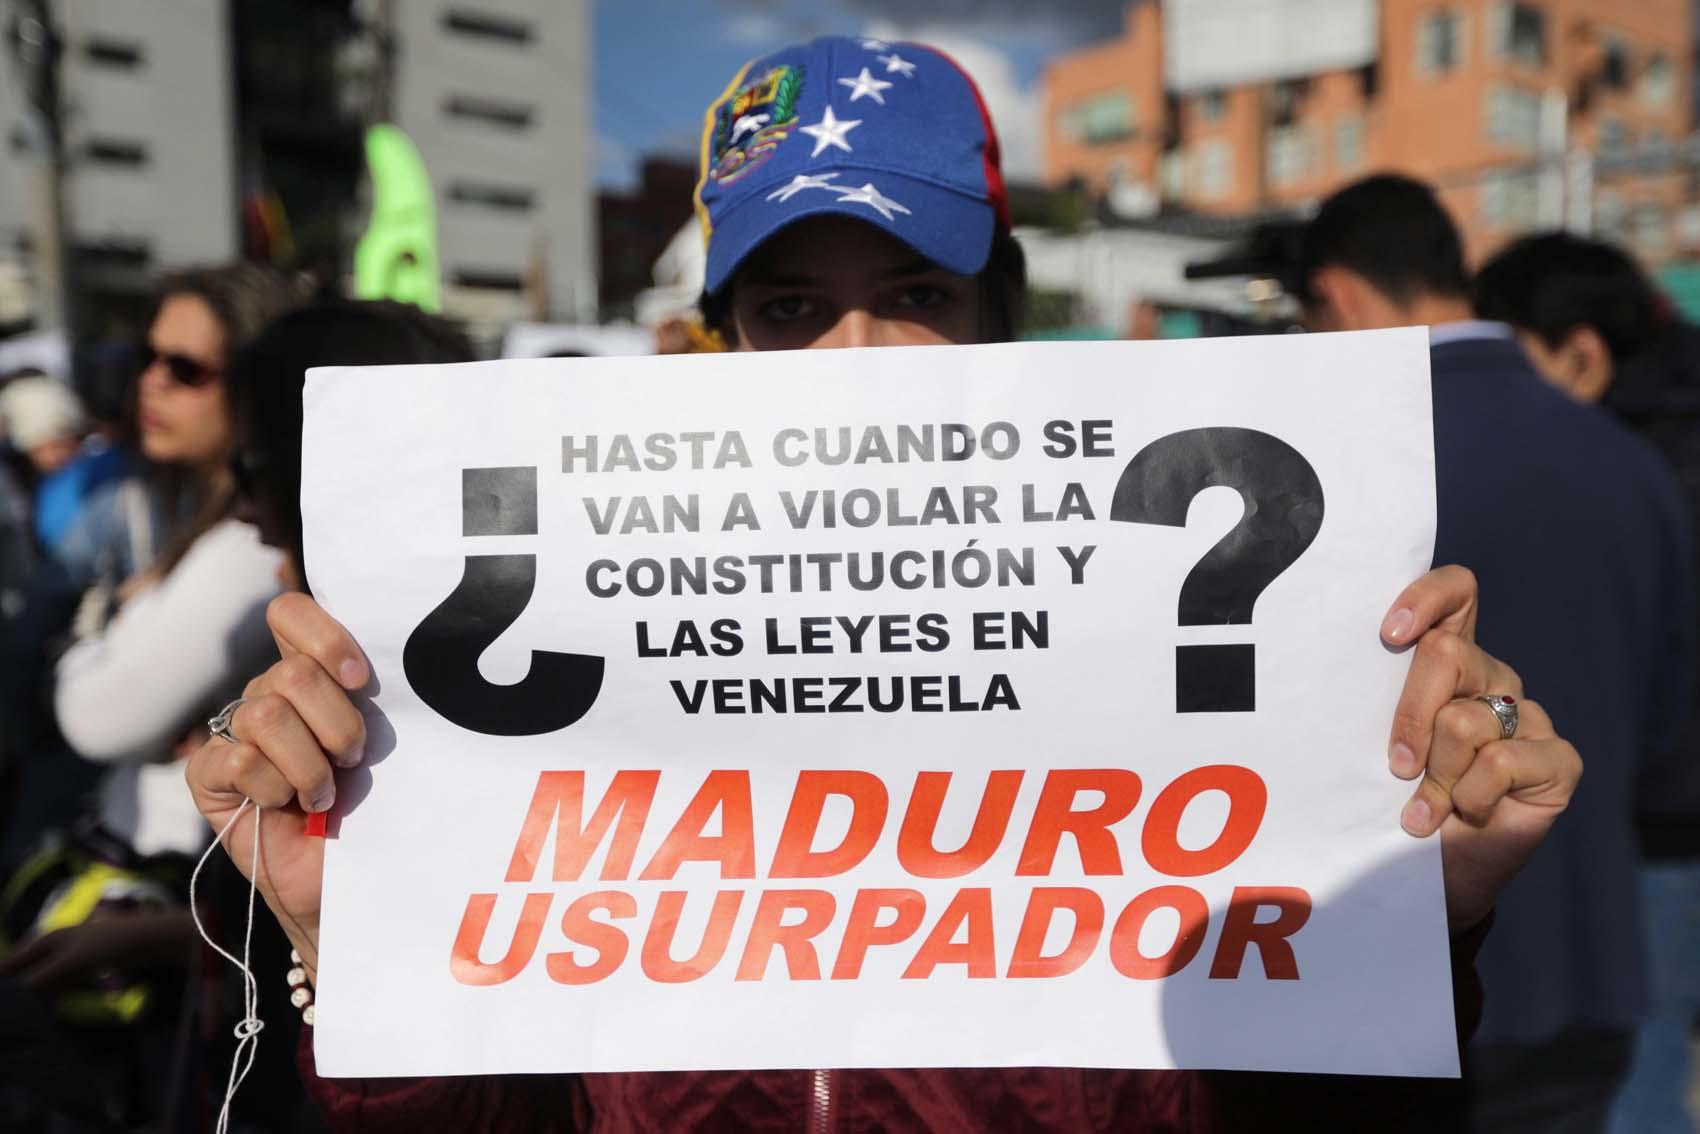 América aisla a Nicolás Maduro, que pierde cada vez más legitimidad y apoyo